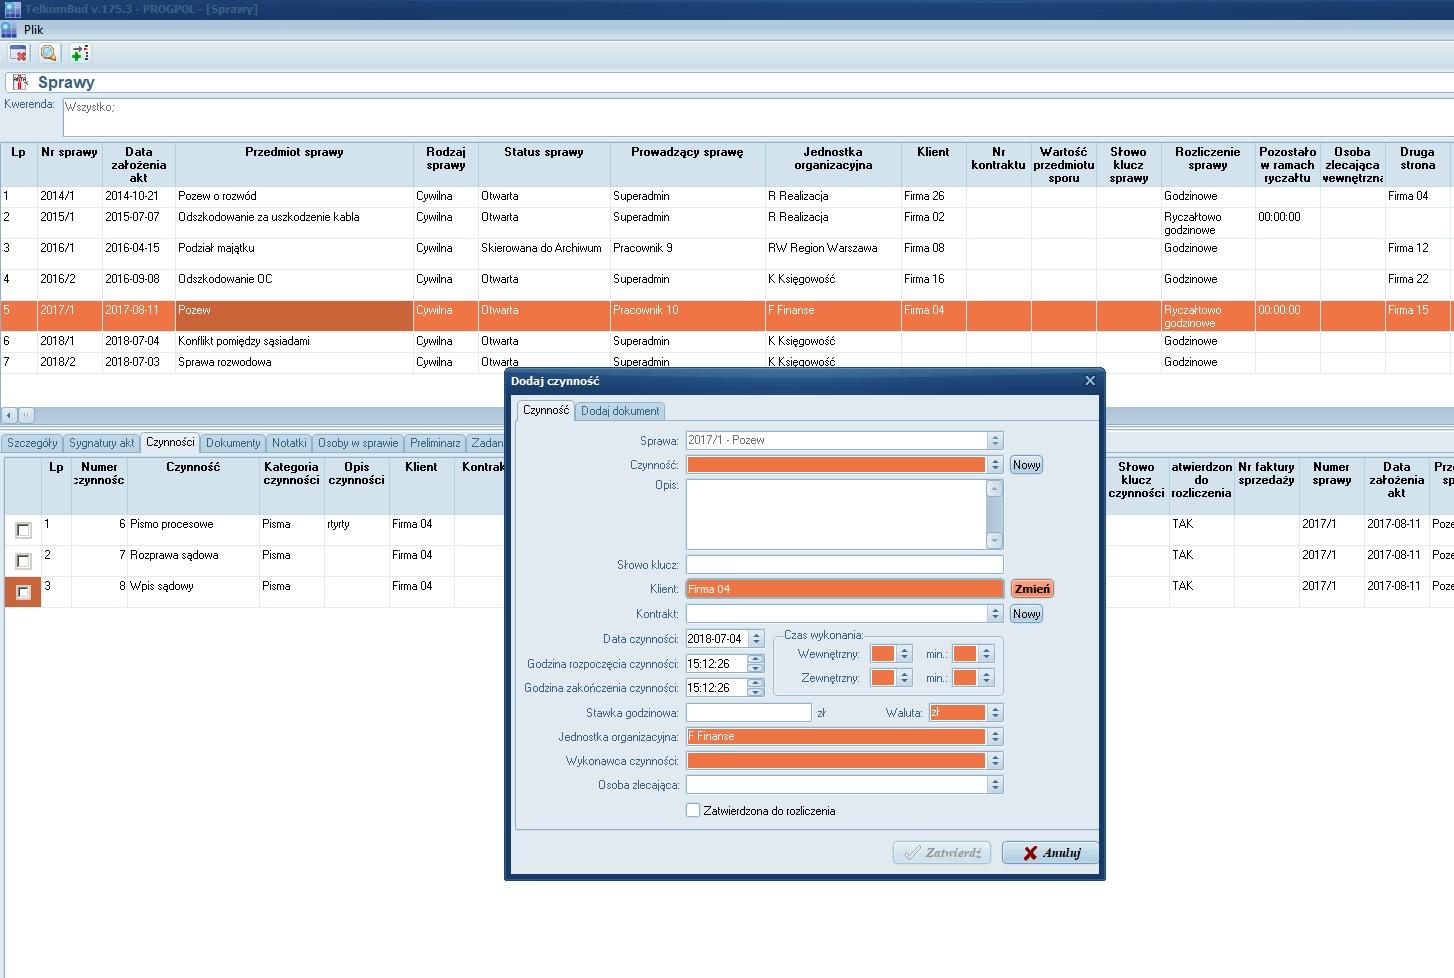 Formularz Dodanie czynności do sprawy modułu kancelaria w systemie TelkomBud